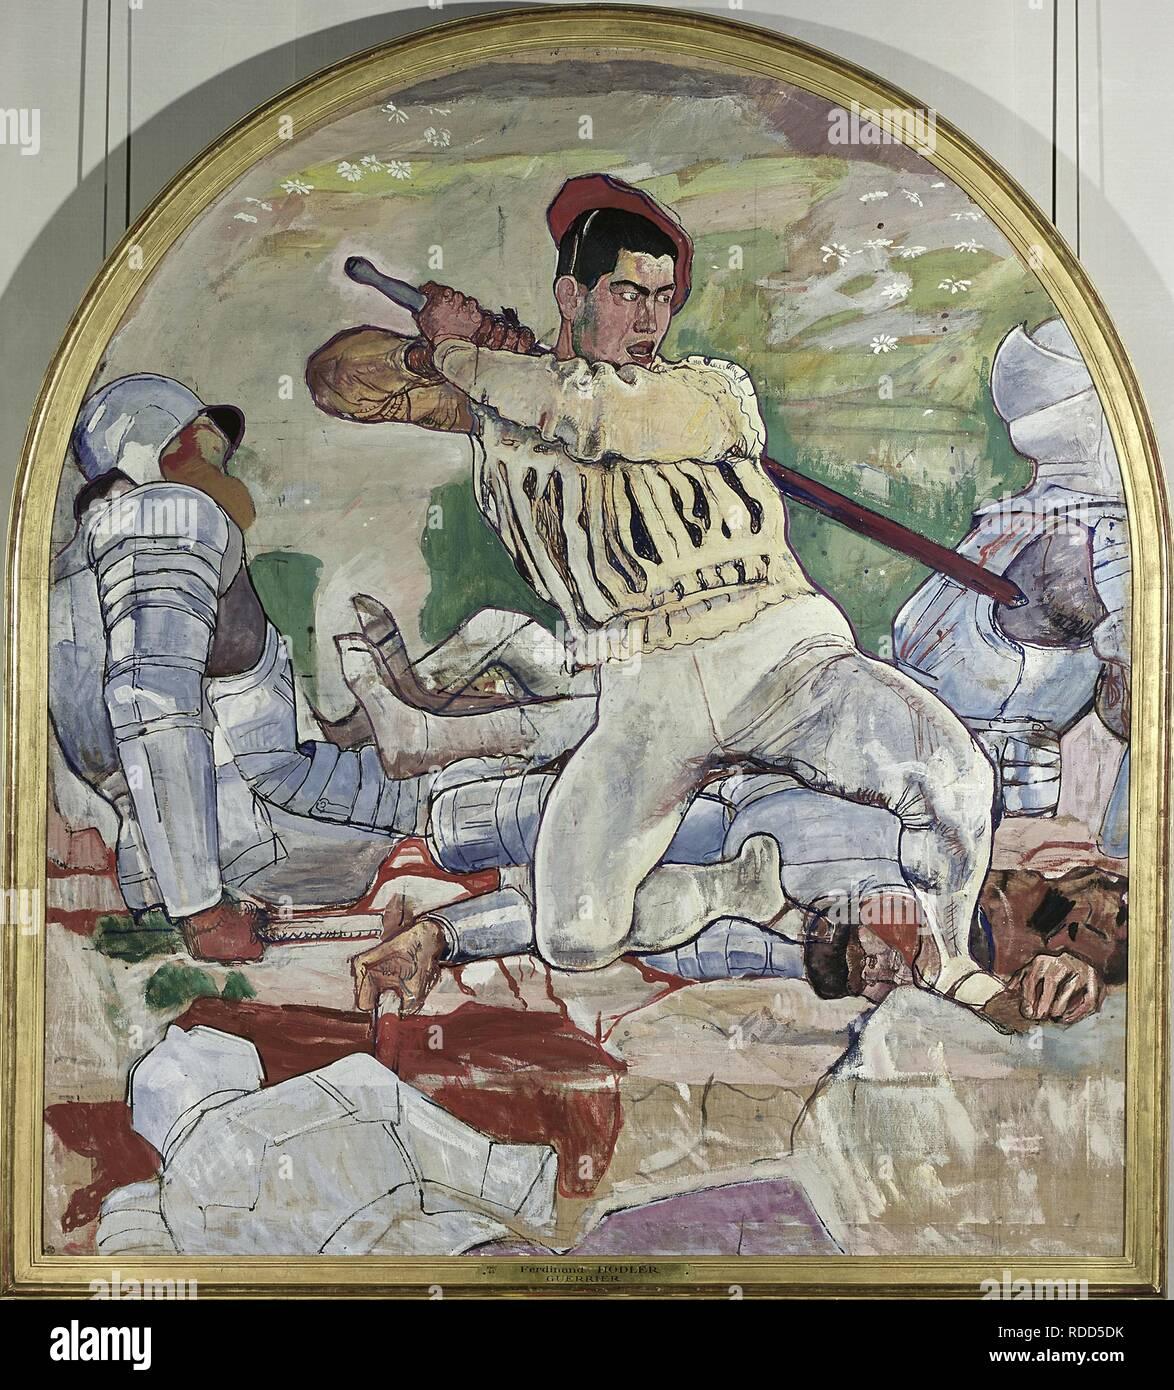 Dietegen cubriendo el Retiro (el retiro de Marignano). Museo: Musée d'art et d'histoire, Genf. Autor: Ferdinand Hodler. Foto de stock